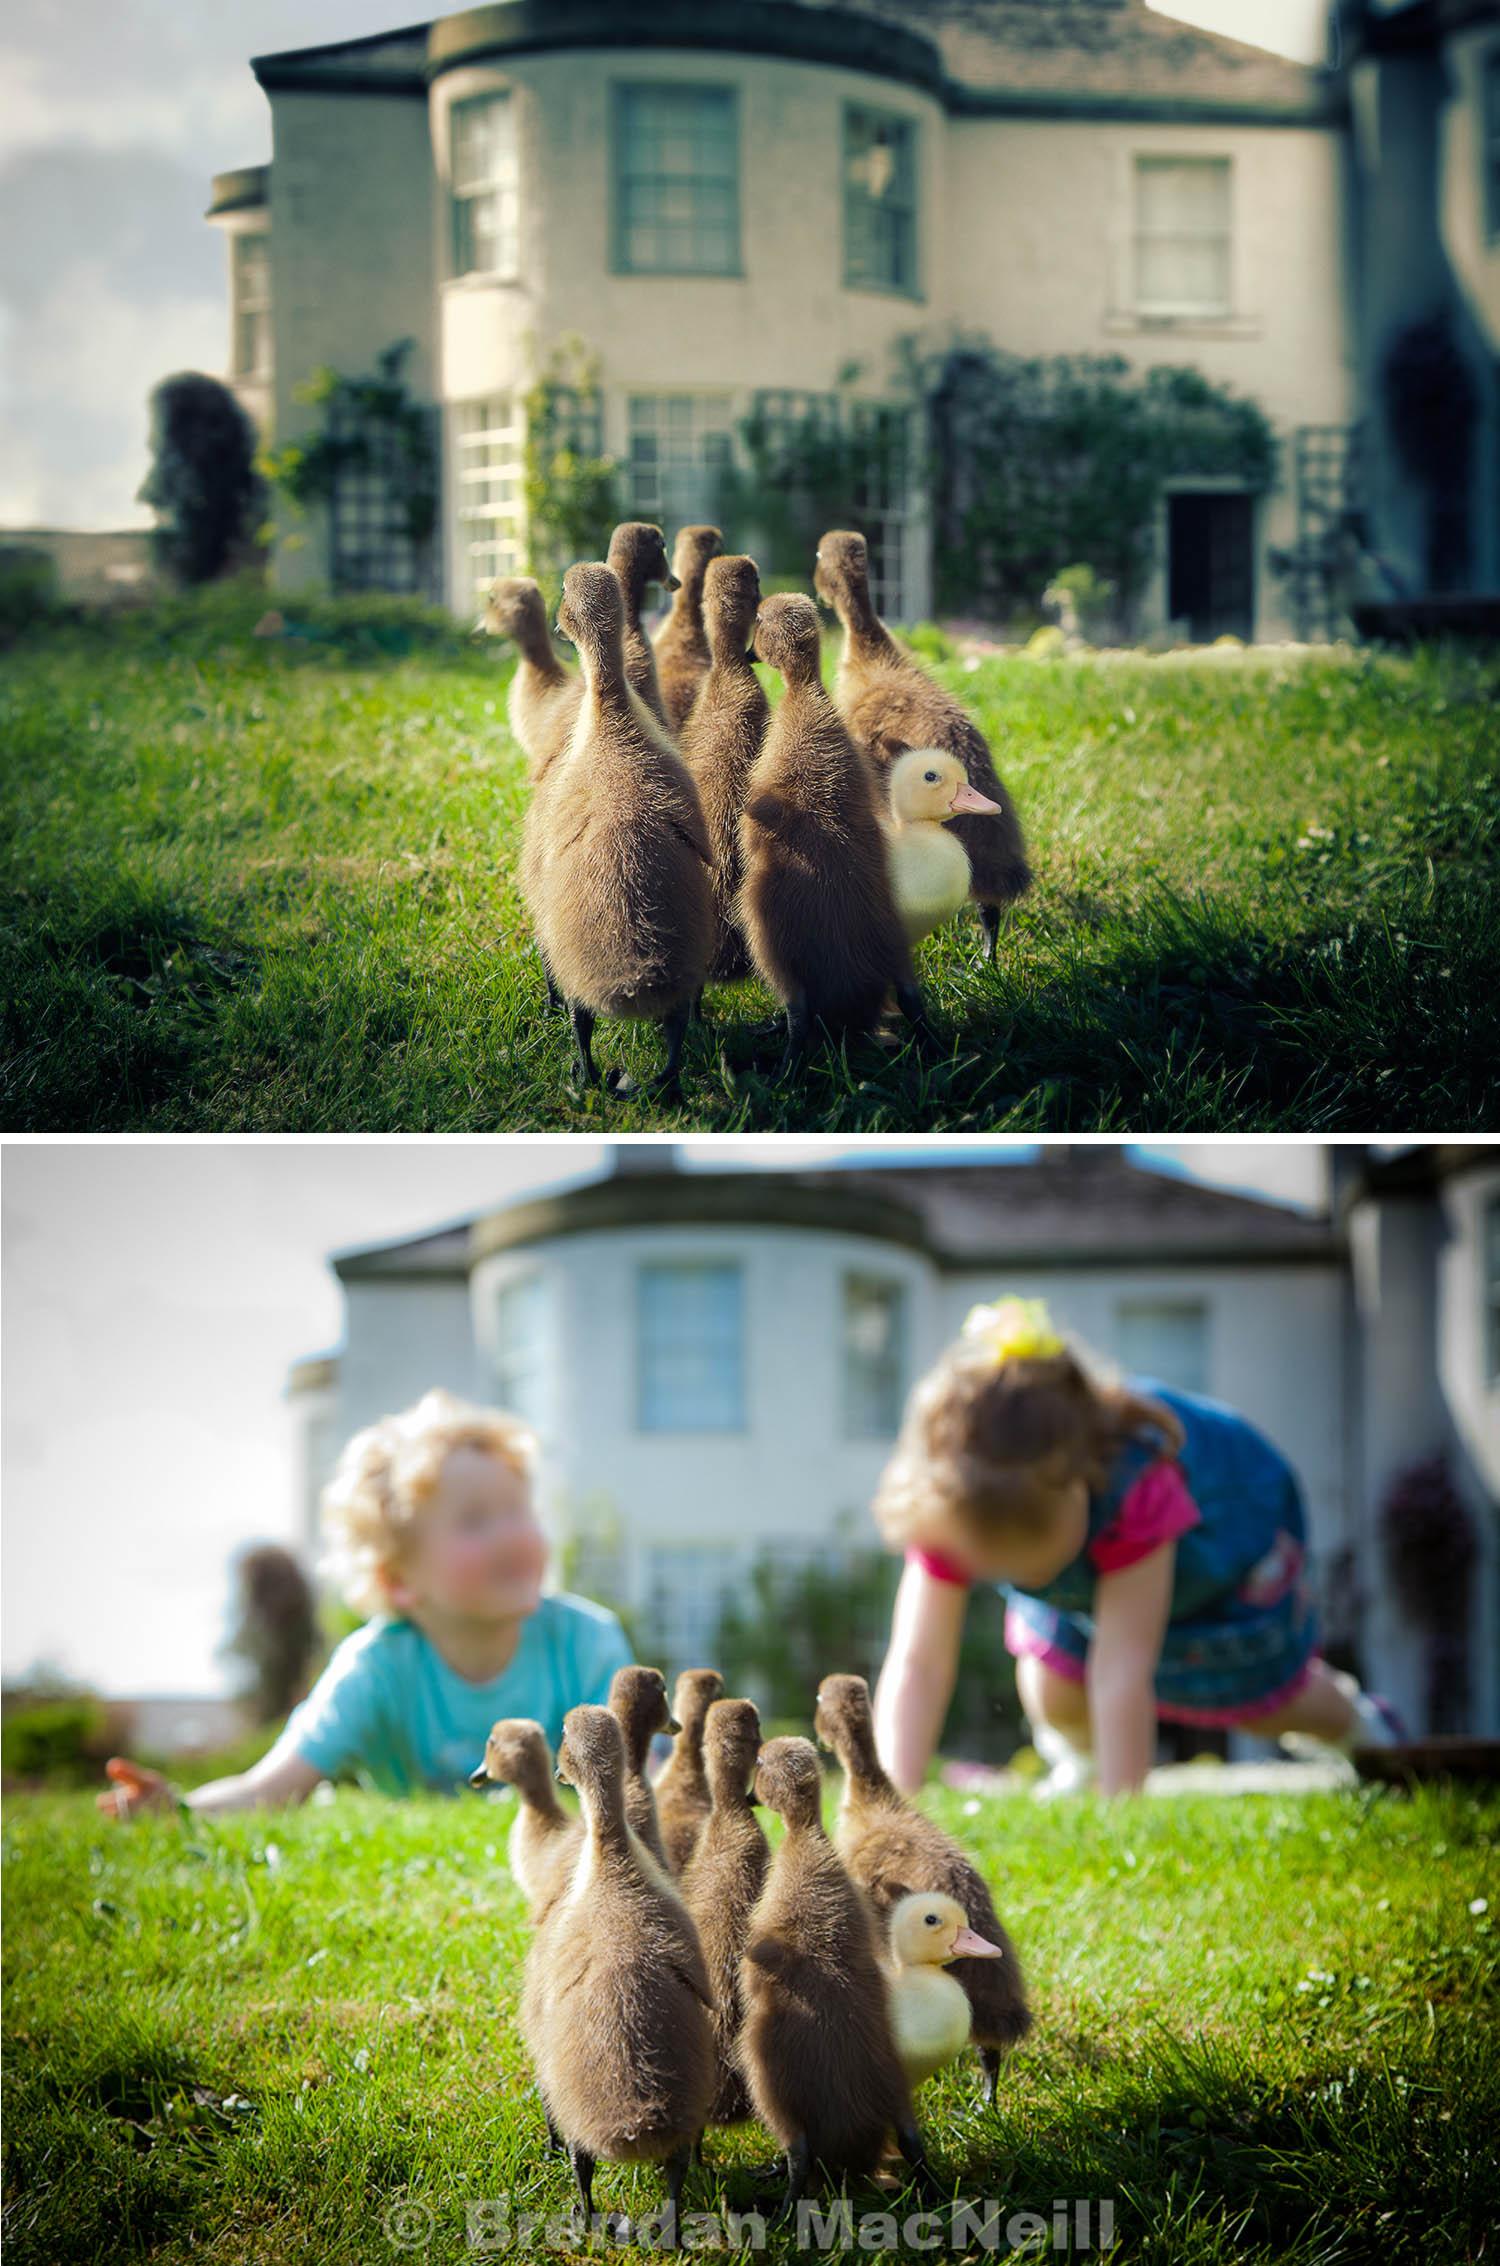 MacNeill_Runner_ducks.jpg